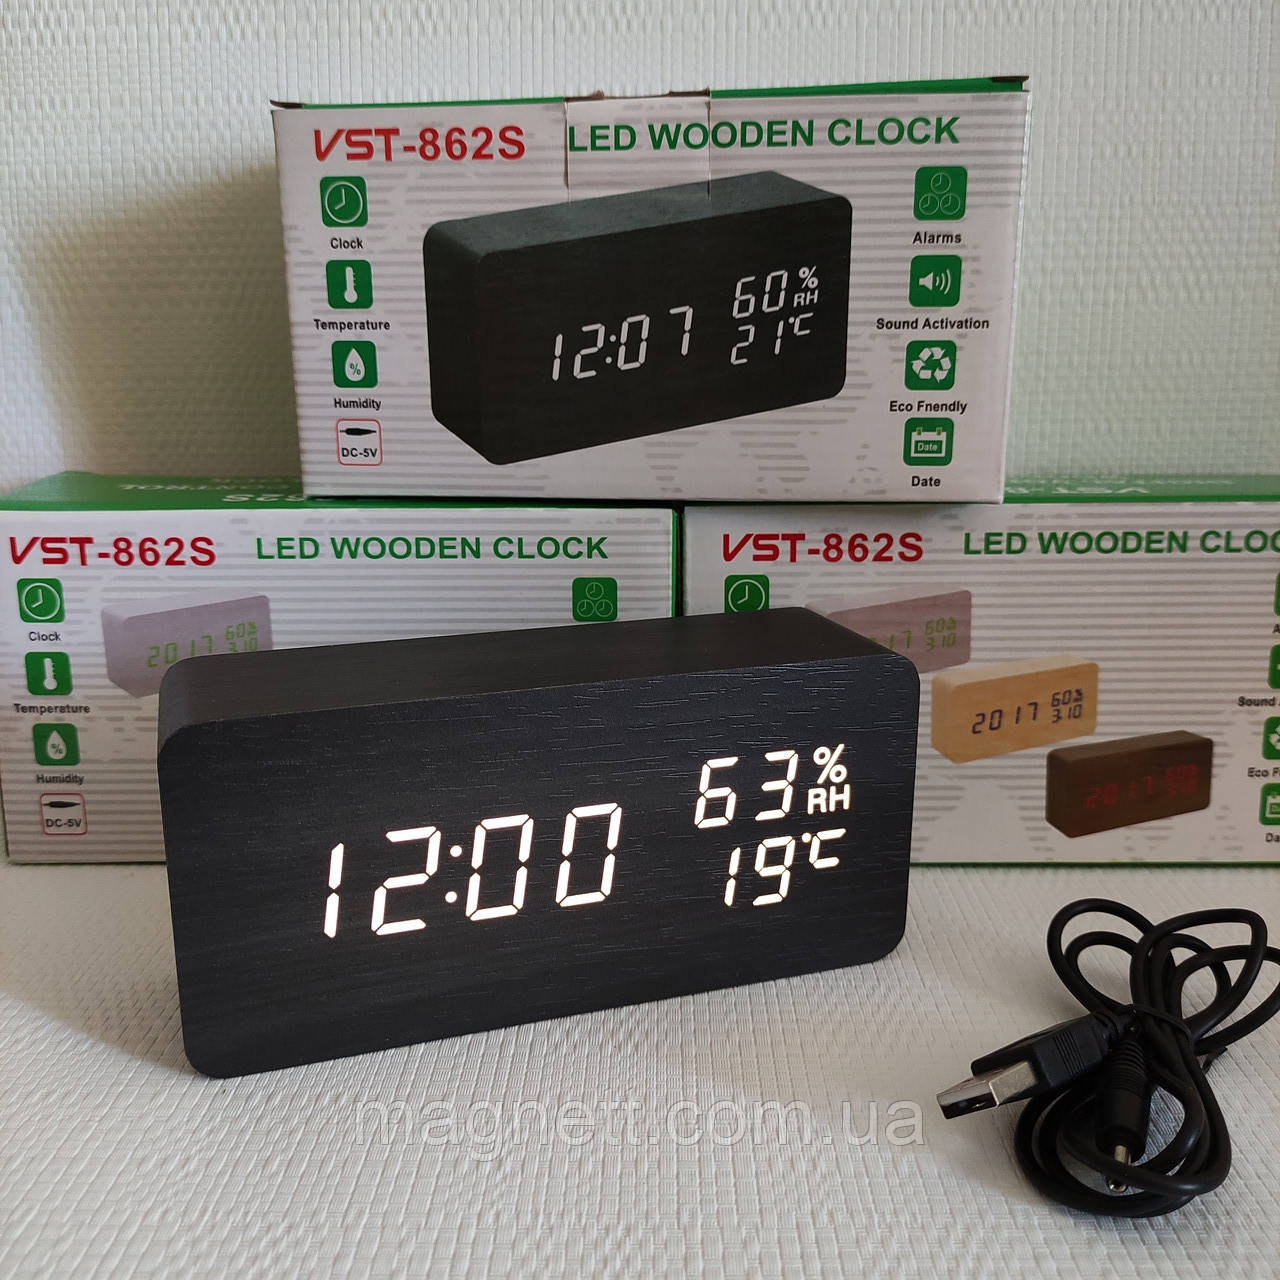 Электронные часы VST-862S в деревянном корпусе с температурой и датчиком влажности